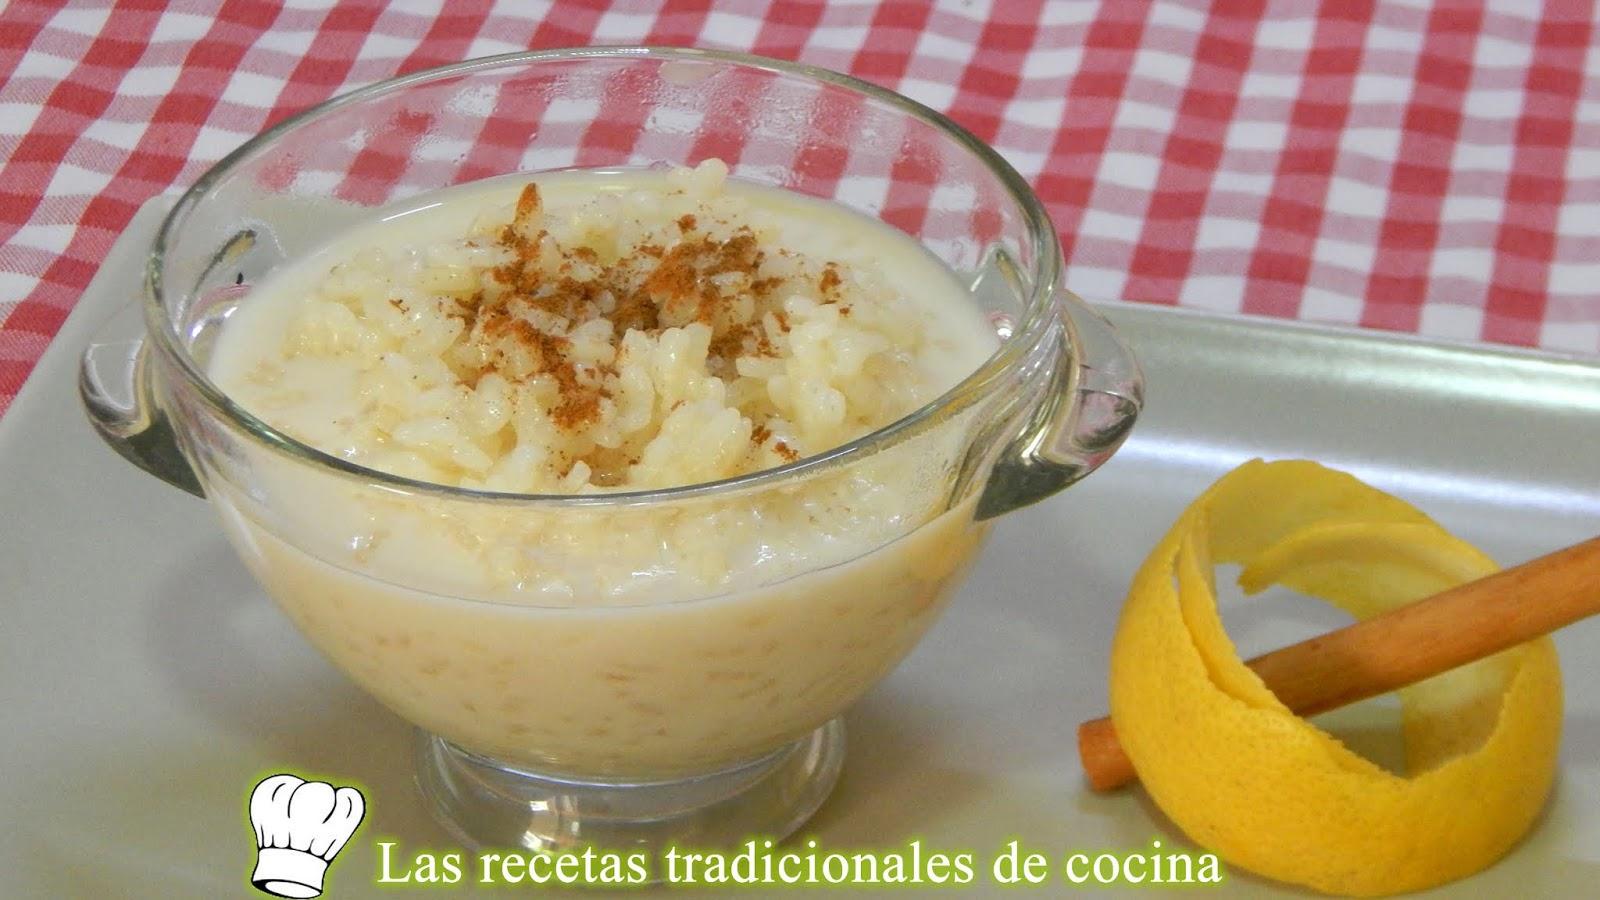 Postre Económico Y Delicioso Receta Fácil De Arroz Con Leche Al Horno